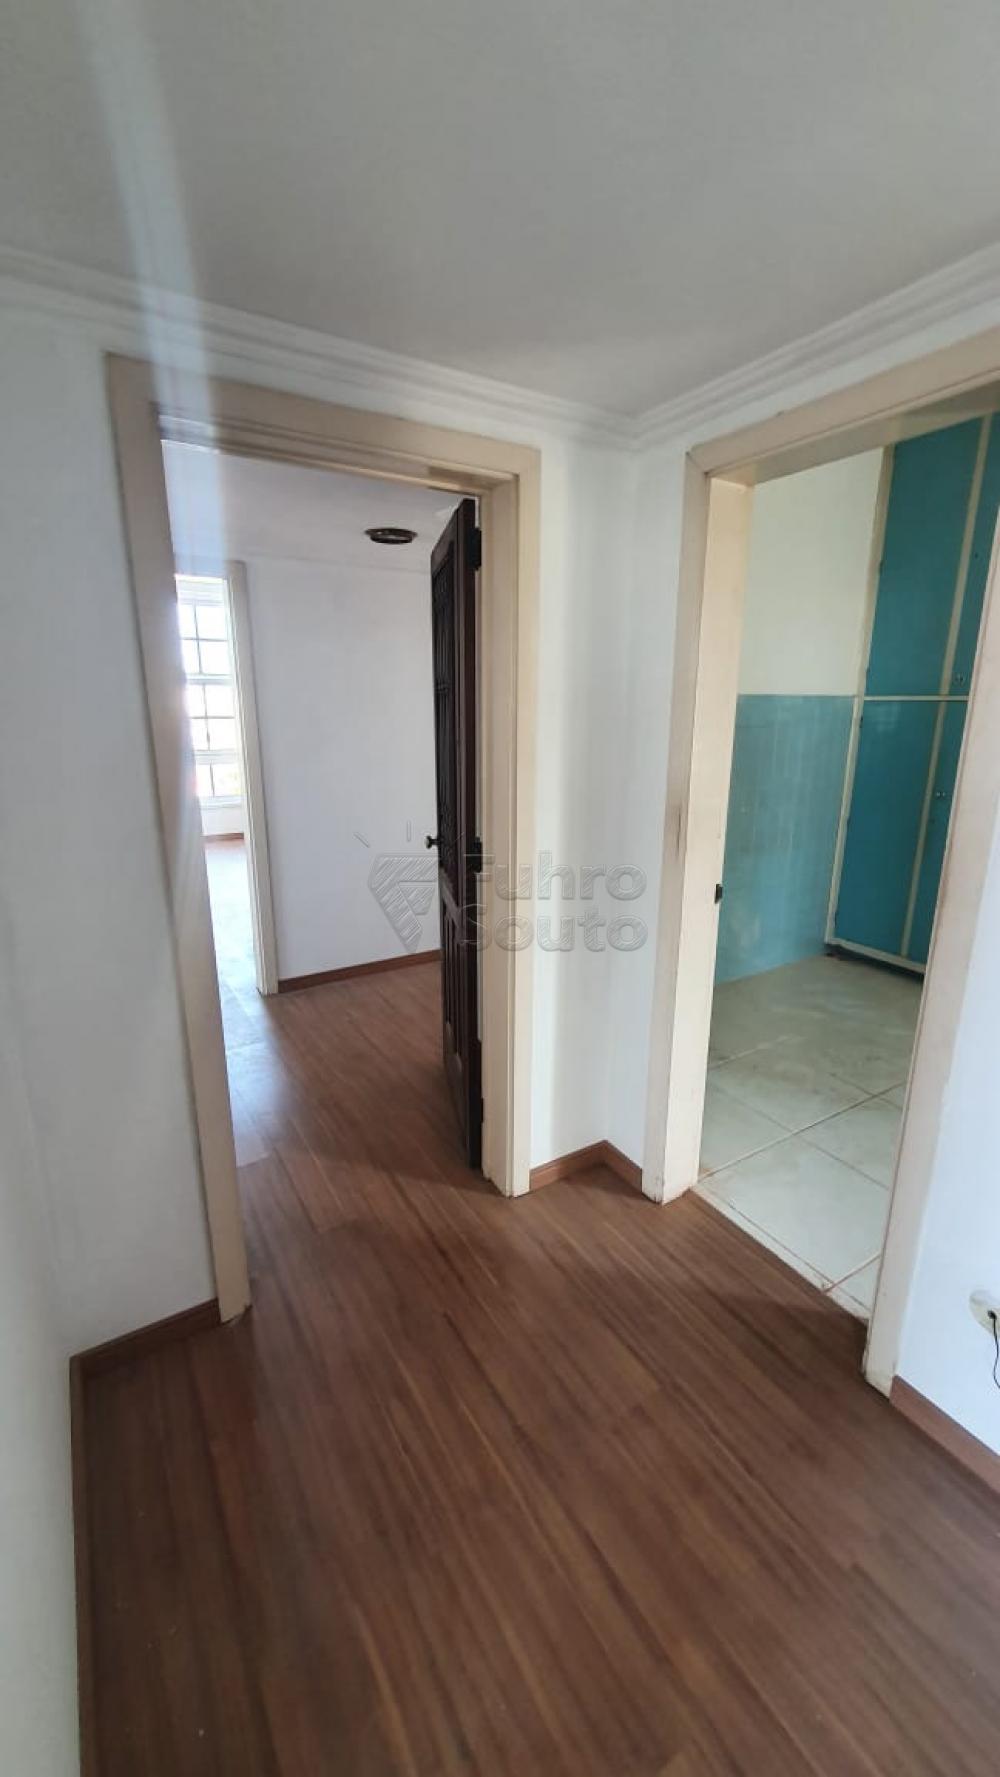 Comprar Apartamento / Padrão em Pelotas R$ 420.000,00 - Foto 10